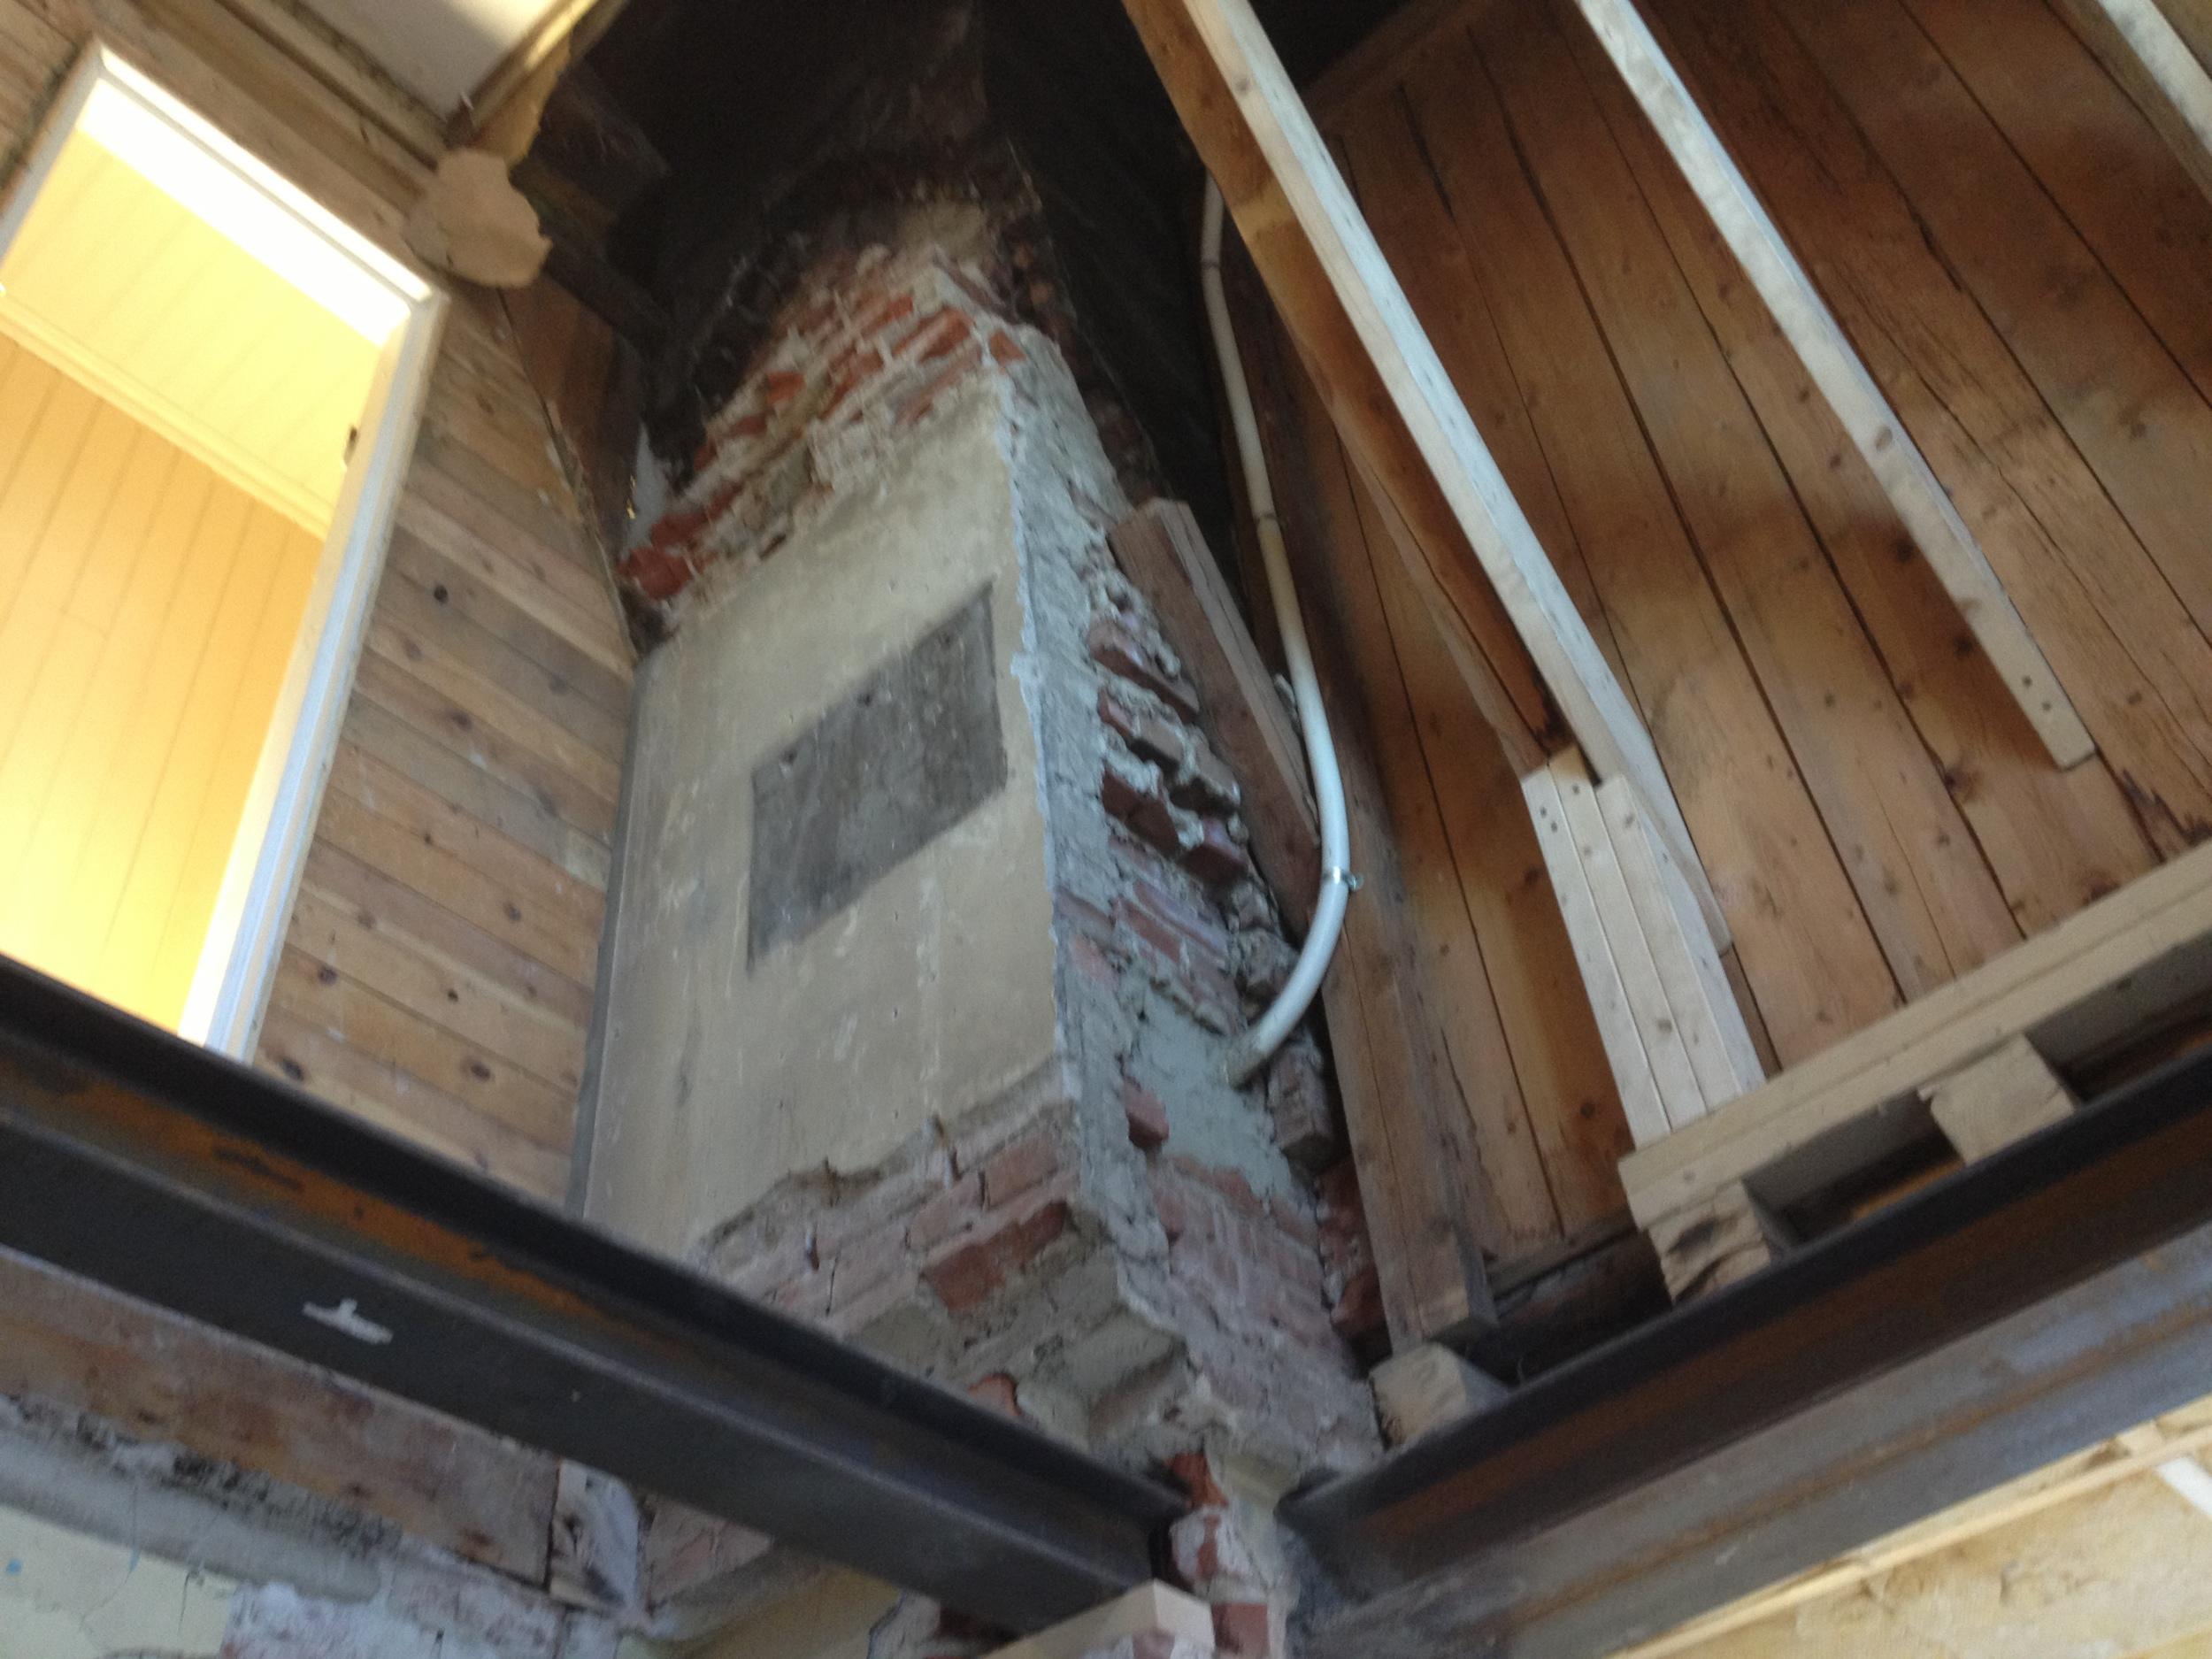 Gammel pipe brukes som bæring for nytt etasjeskille.